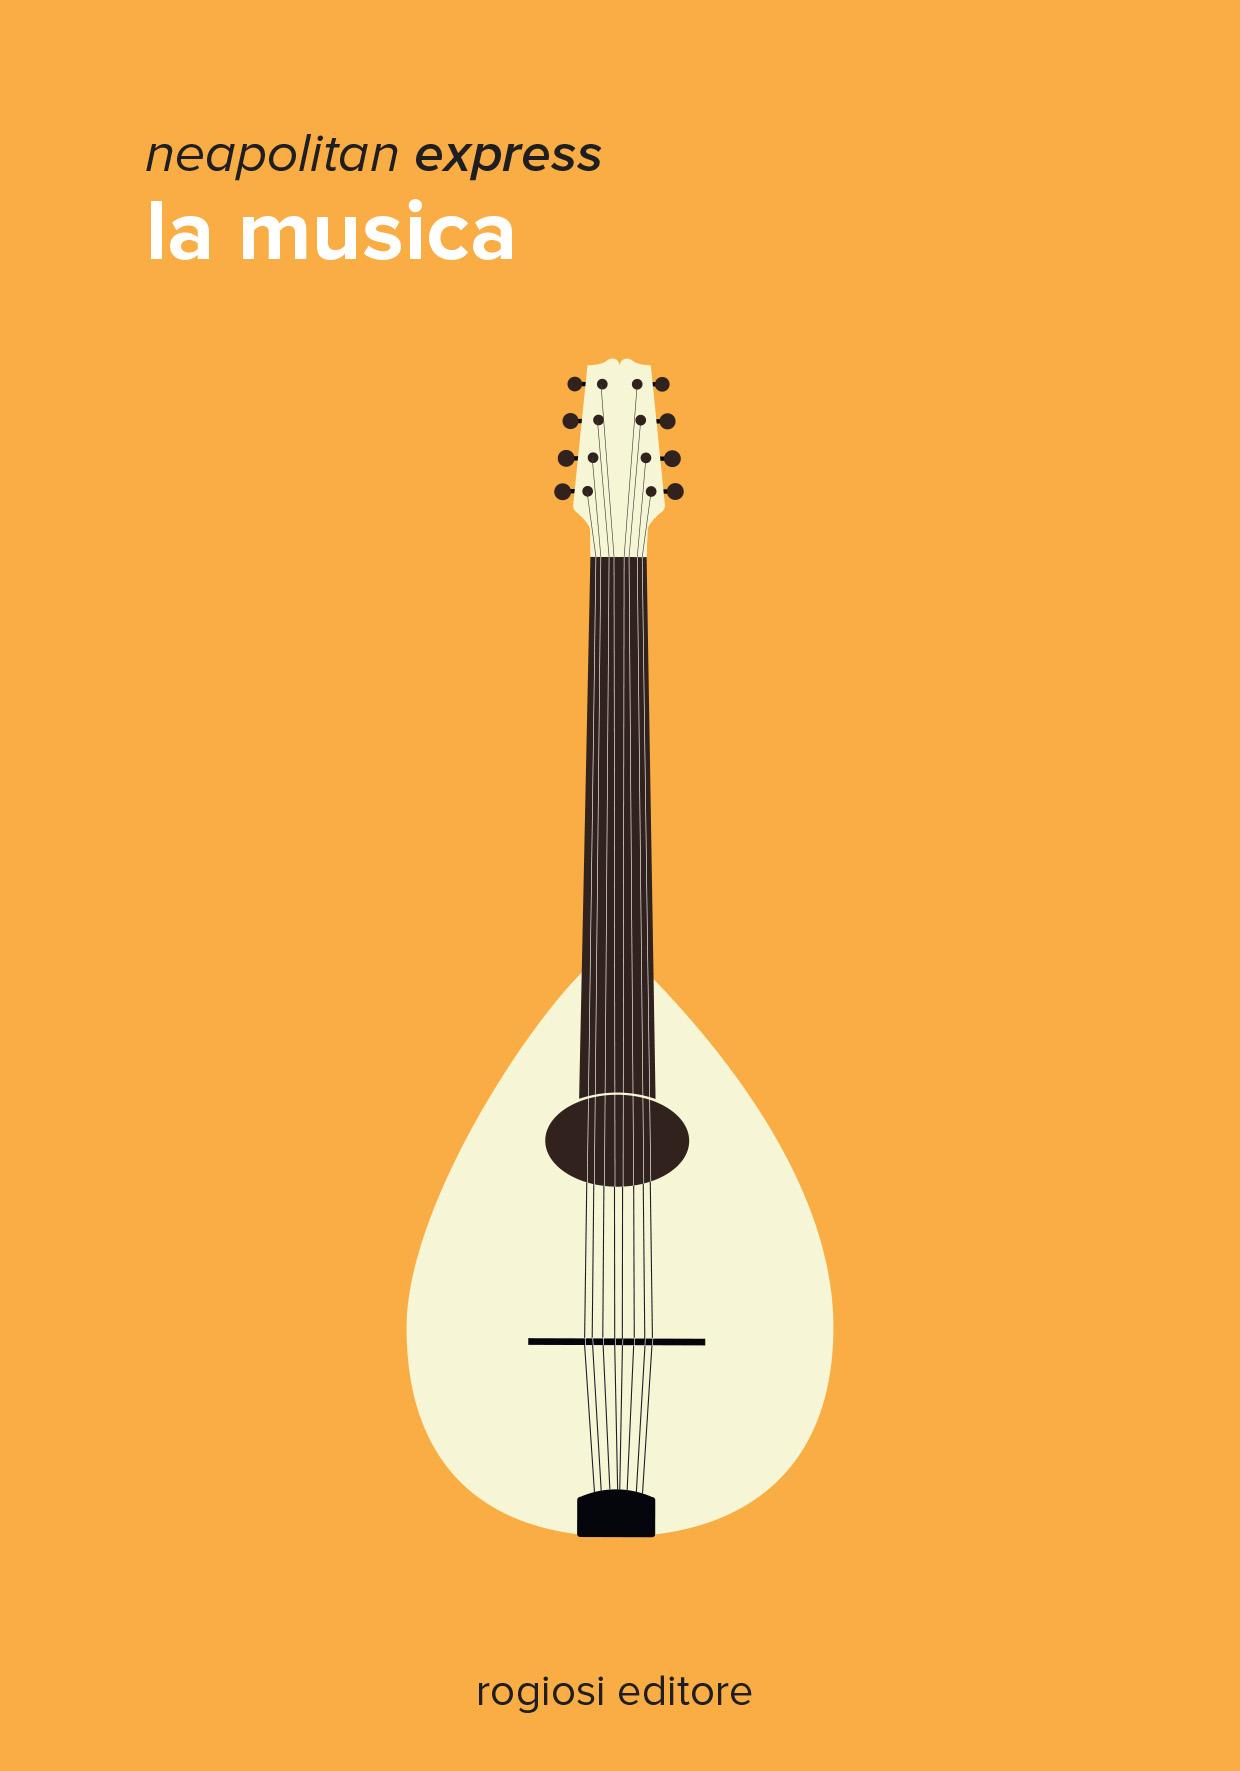 neapolitan express: la musica